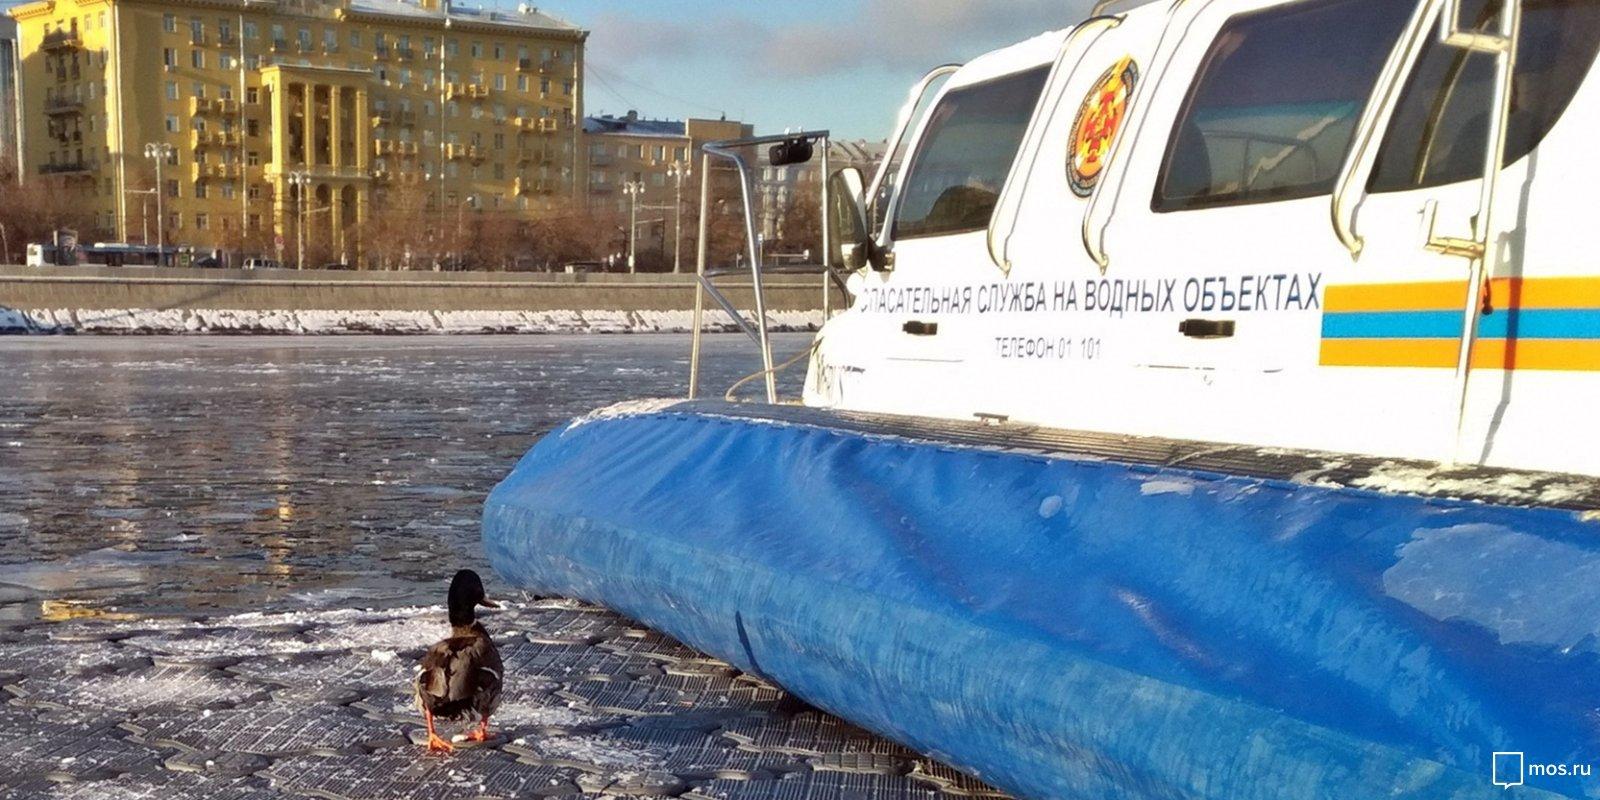 В центре Москвы спасли утку